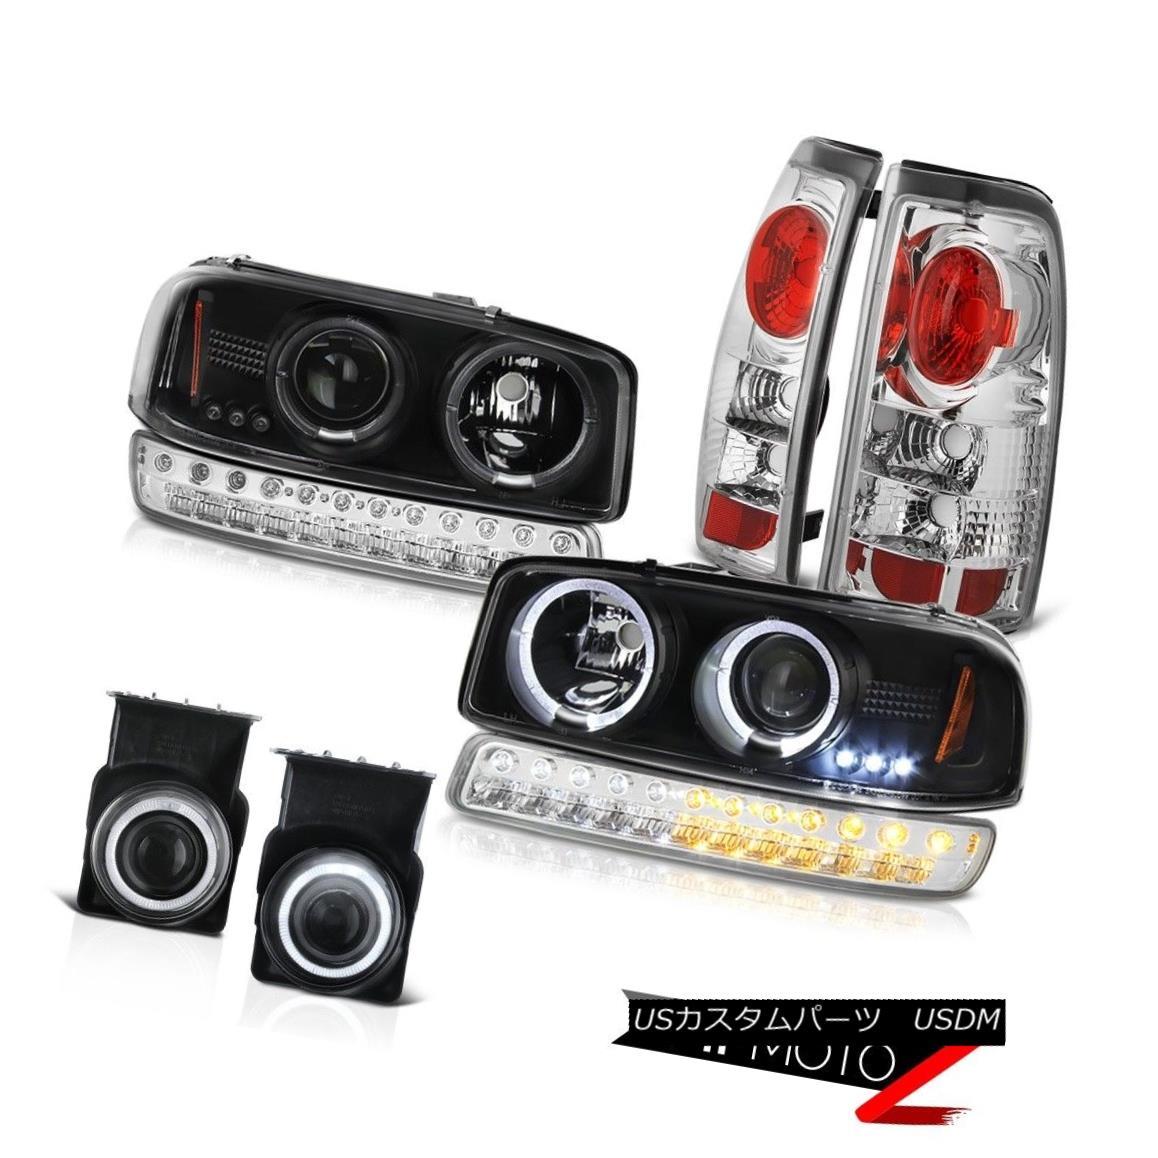 テールライト 03-06 Sierra SLT Chrome Fog Lights Parking Brake Light Infinity Black Headlights 03-06 Sierra SLTクロームフォグライトパーキングブレーキライトインフィニティブラックヘッドライト